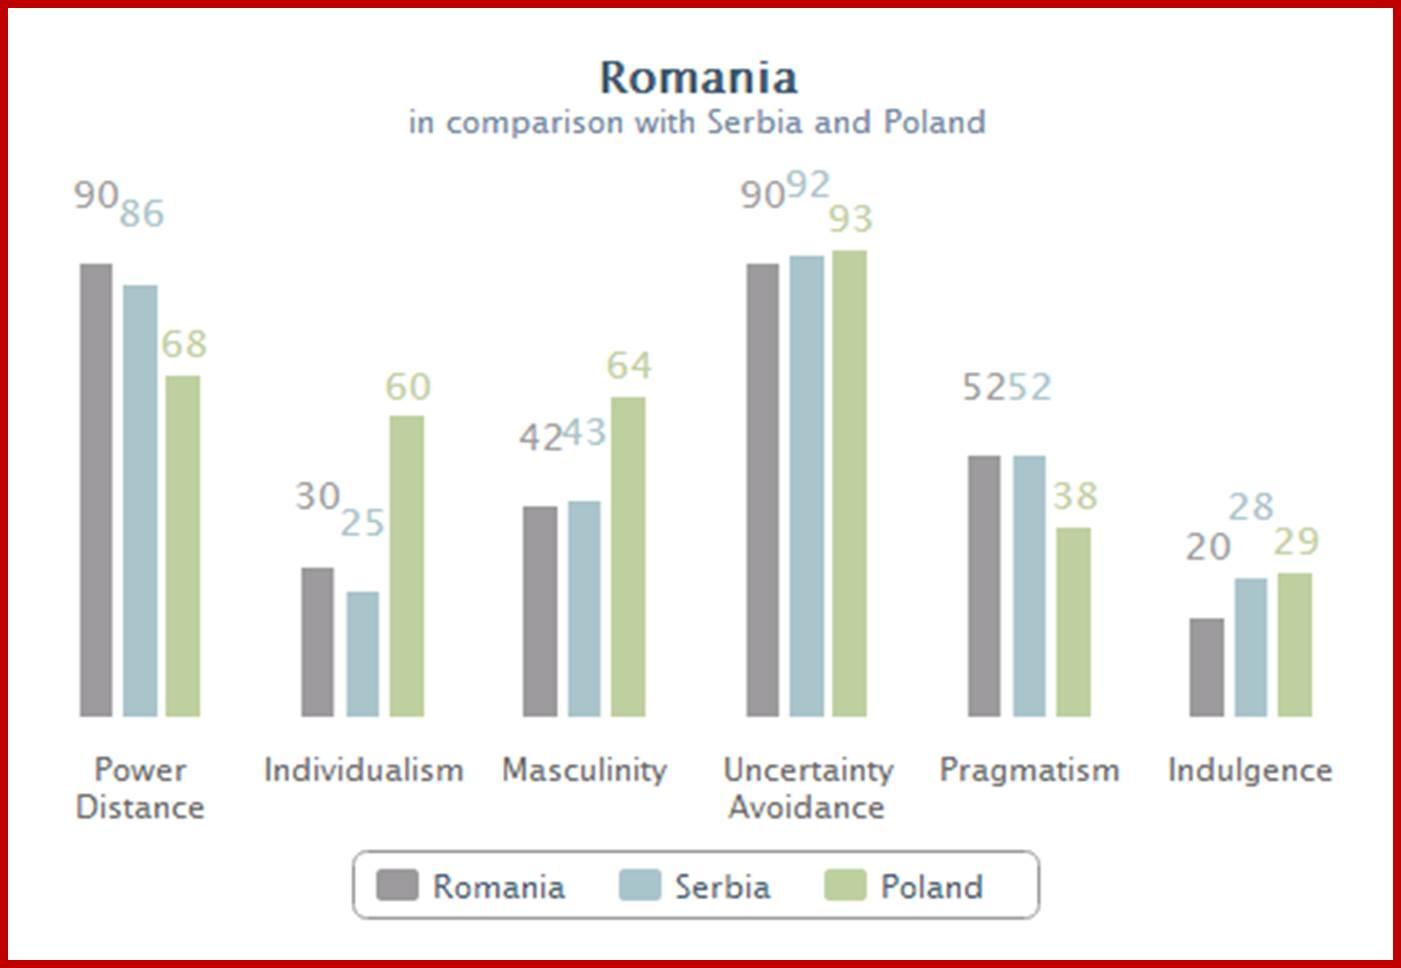 Romania, Serbia & Poland